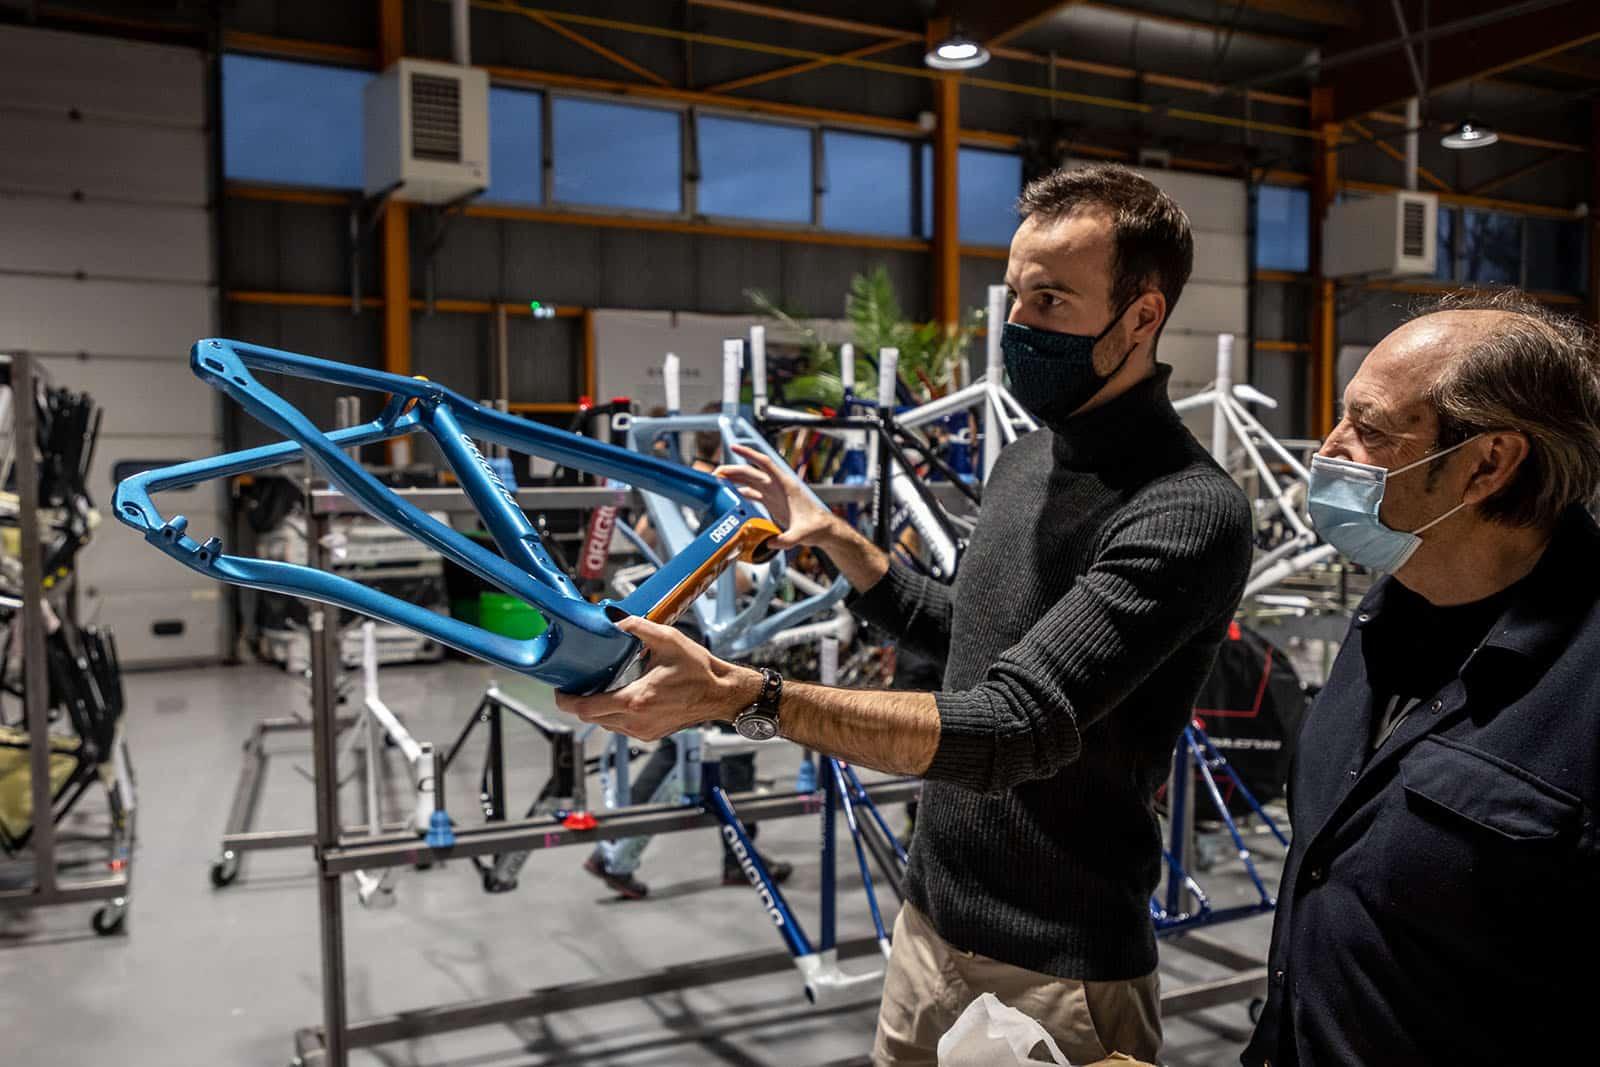 Rémi Lefèvre, Directeur Général adjoint d'Origine Cycles nous montre les détails d'un cadre.